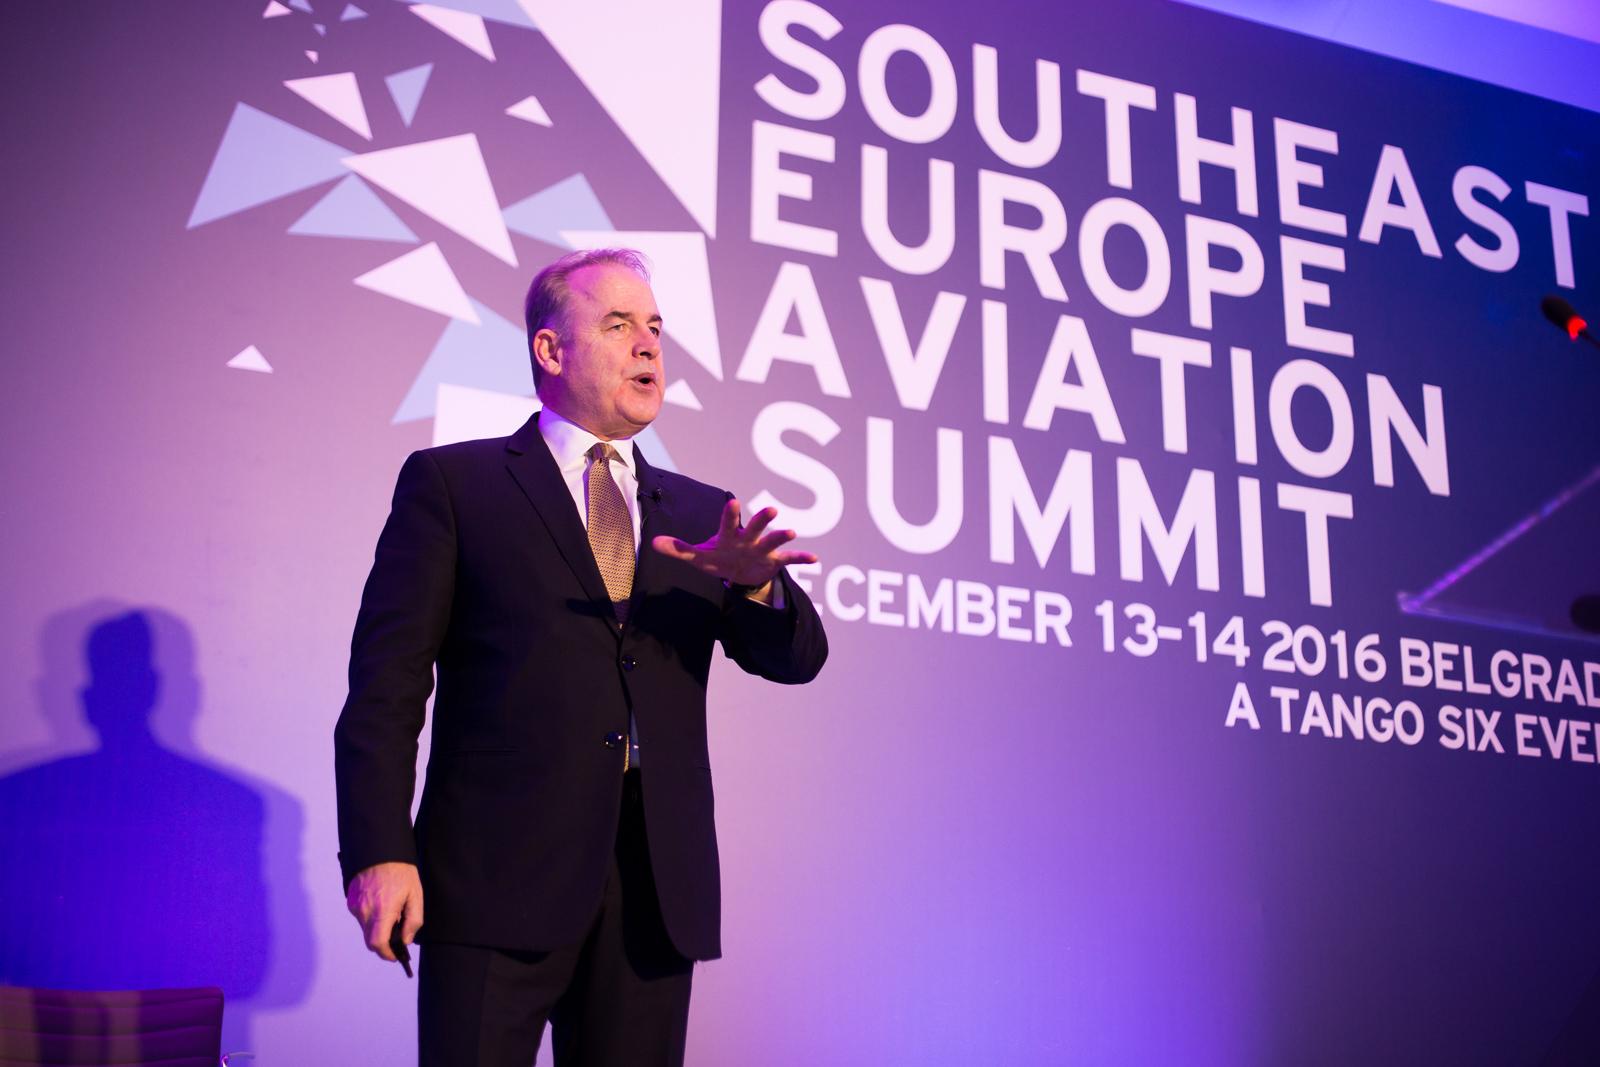 Kraj jedne ere. Zadnji javni nastup Džejmsa Hogana u Srbiji na Prvom vazduhoplovnom samitu jugoistočne Evrope u organizaciji Tango Sixa / Foto: SEAS